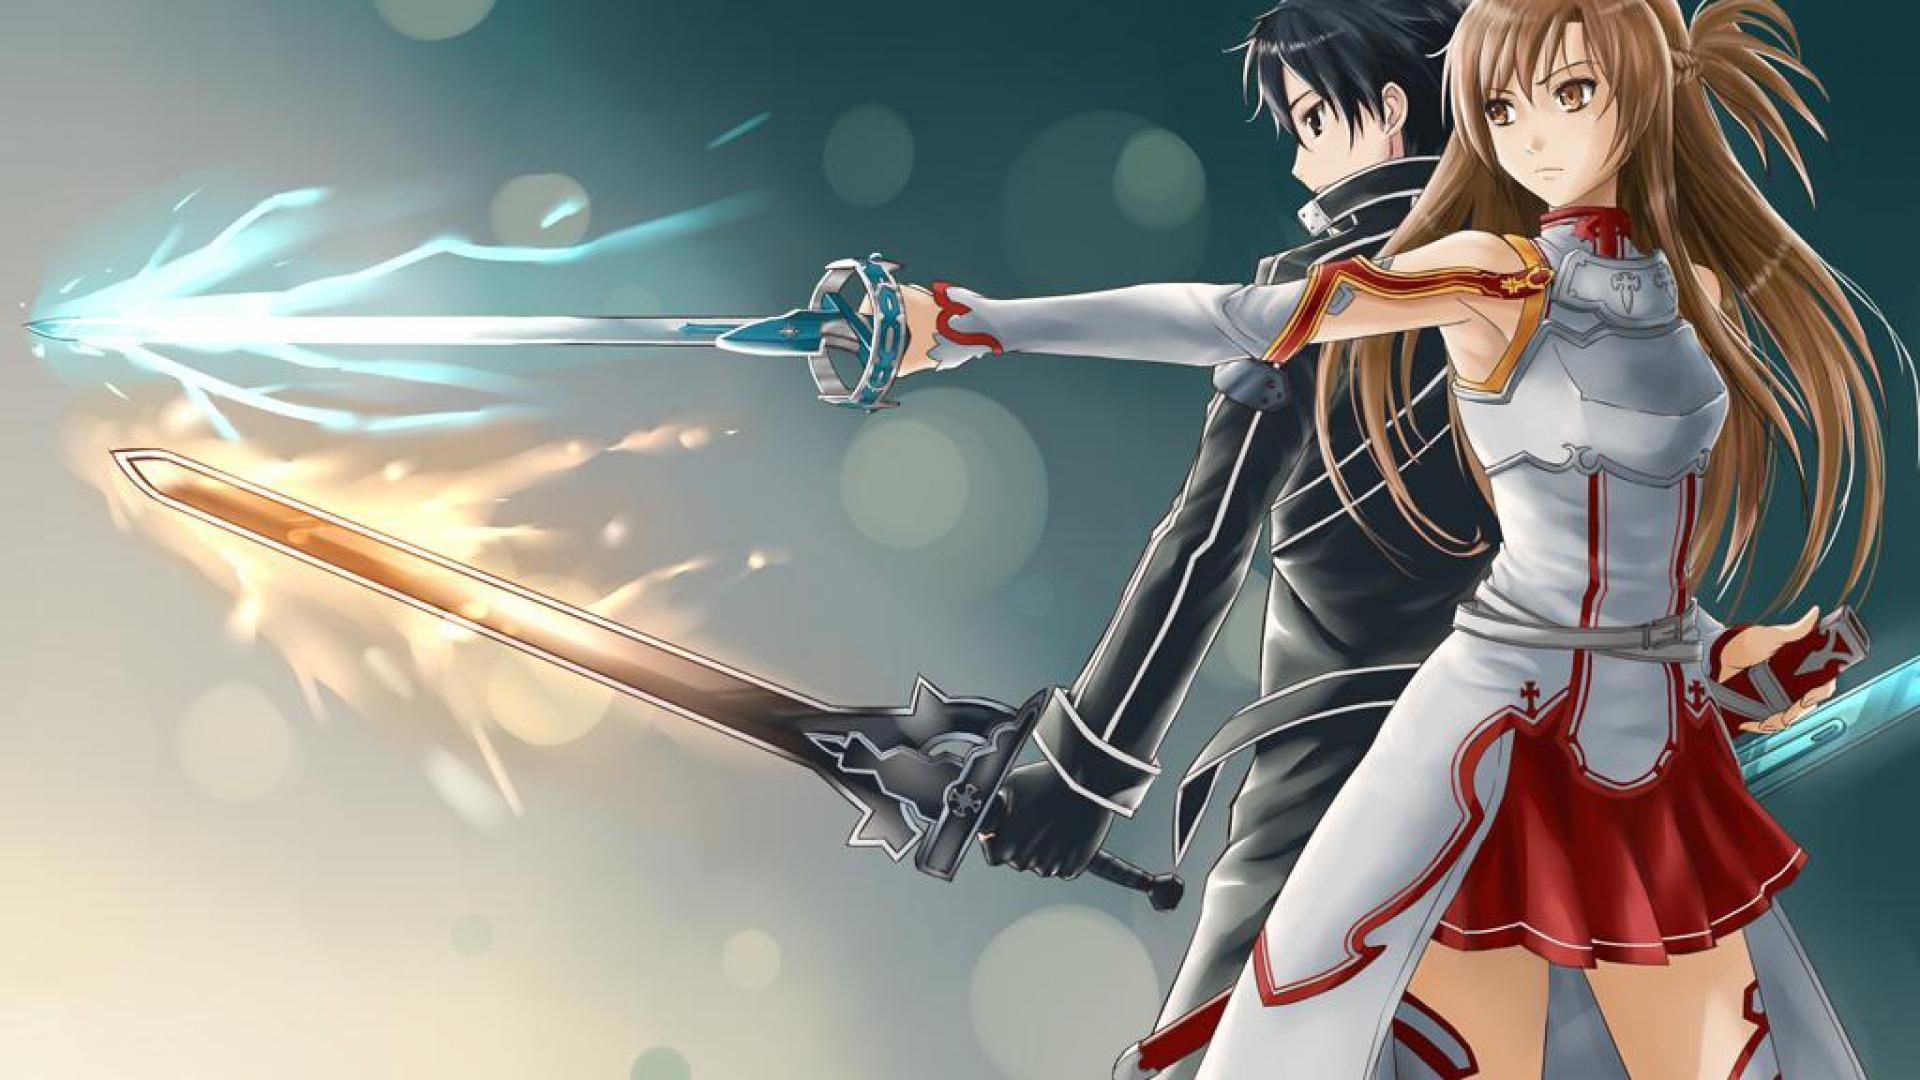 Asuna Wallpapers Top Free Asuna Backgrounds Wallpaperaccess